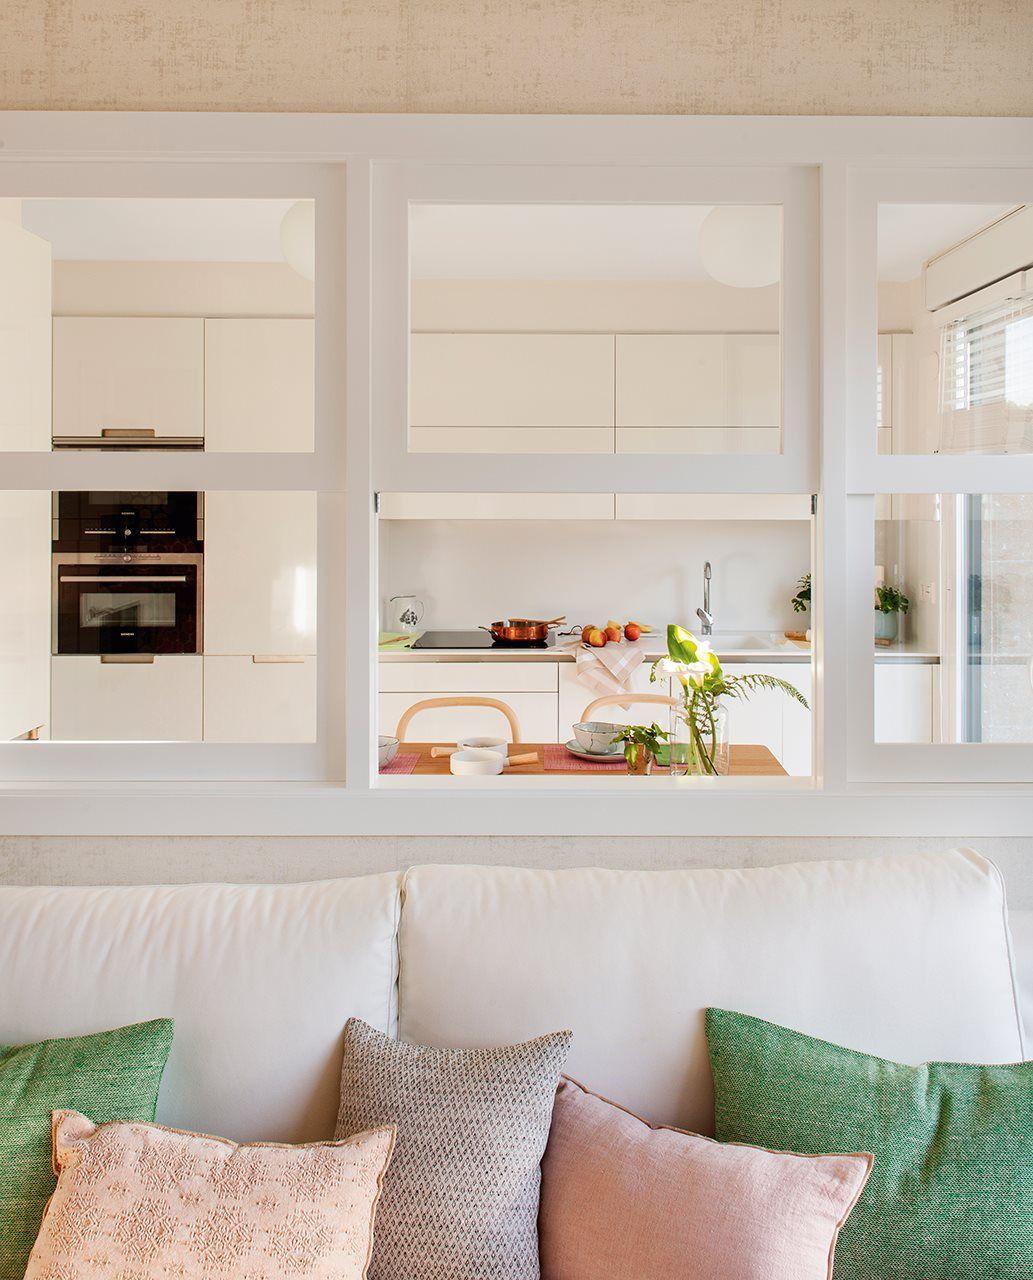 Hacia la cocina con muebles de santos cojines de estilo for Cocina estilo nordico